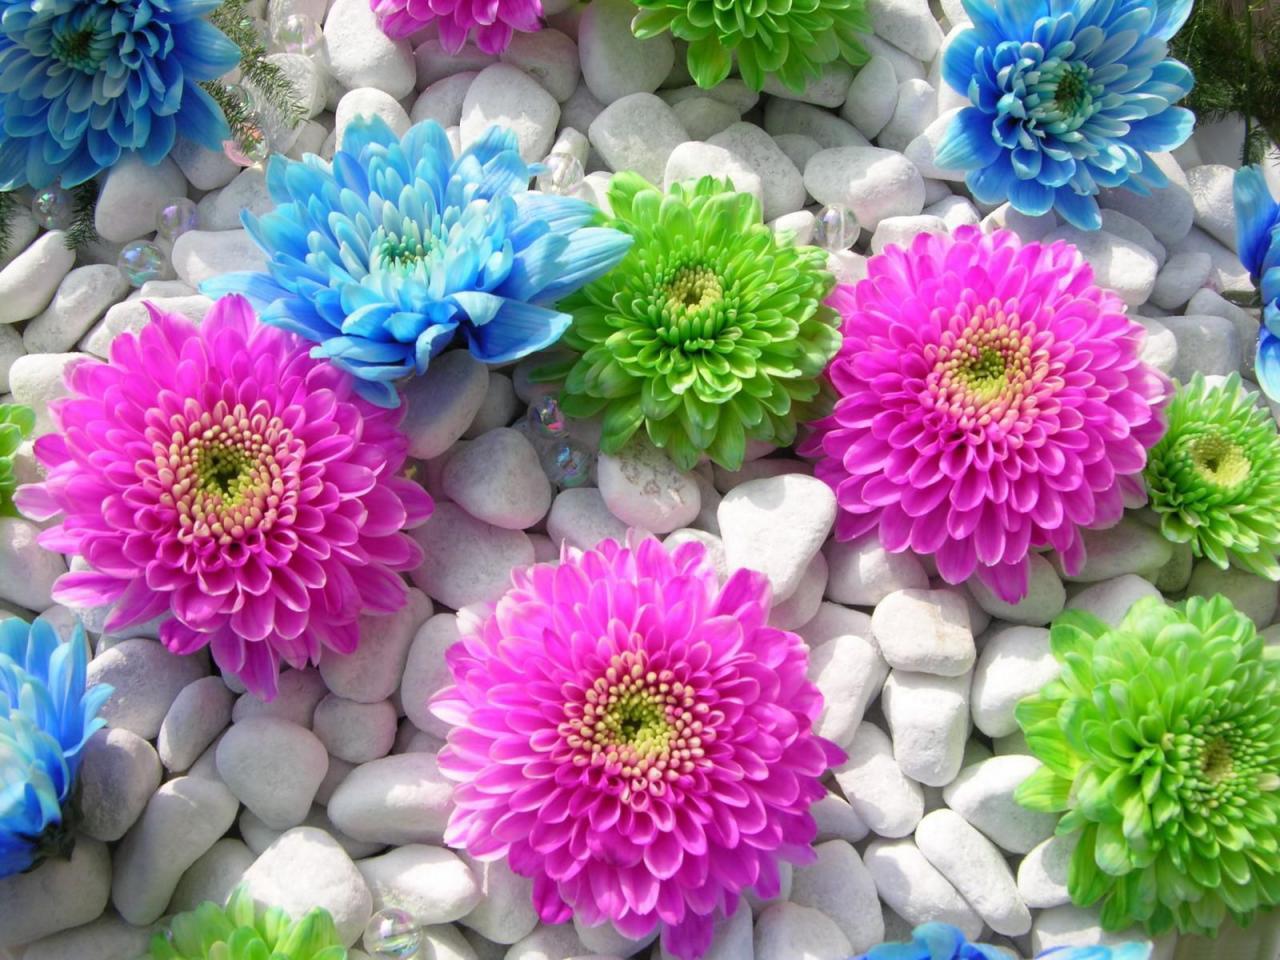 صورة اجمل صور الورود, اجمل الورود فى العالم 12754 8